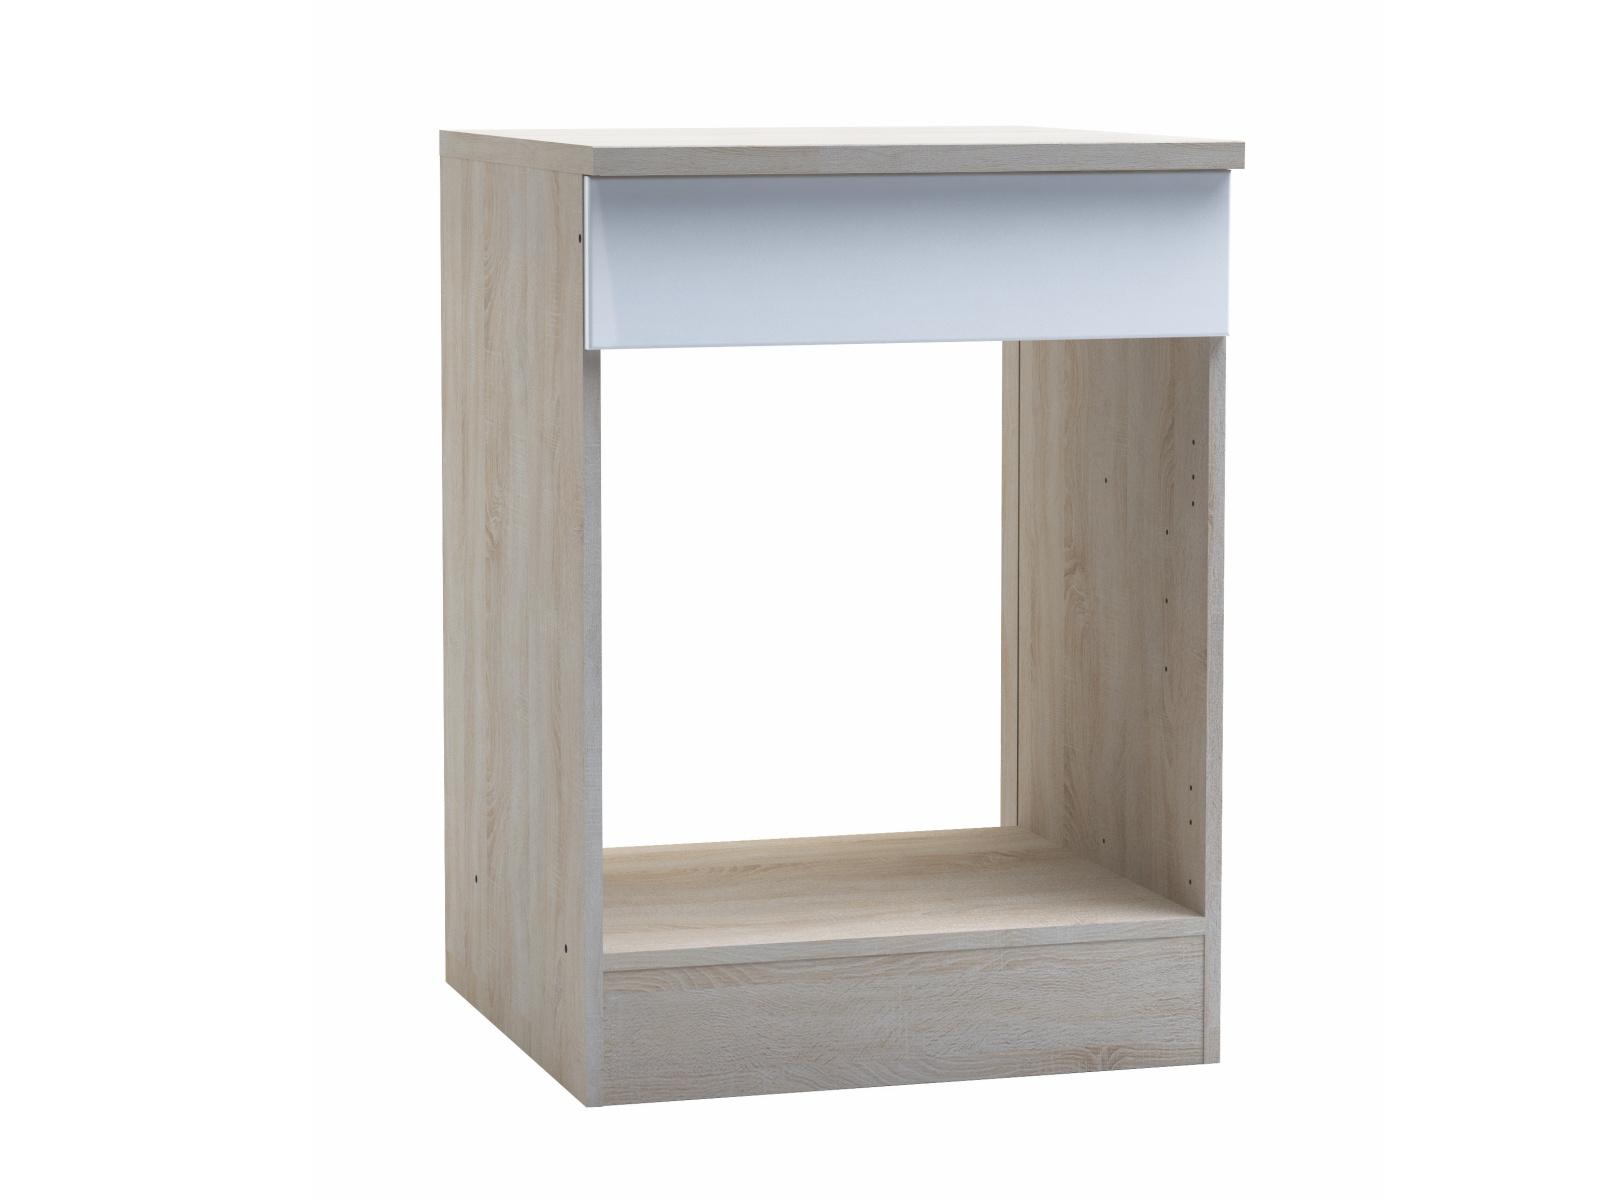 DEMEYERE CHANTILY, skříňka pro vestavnou troubu, bílý lesk